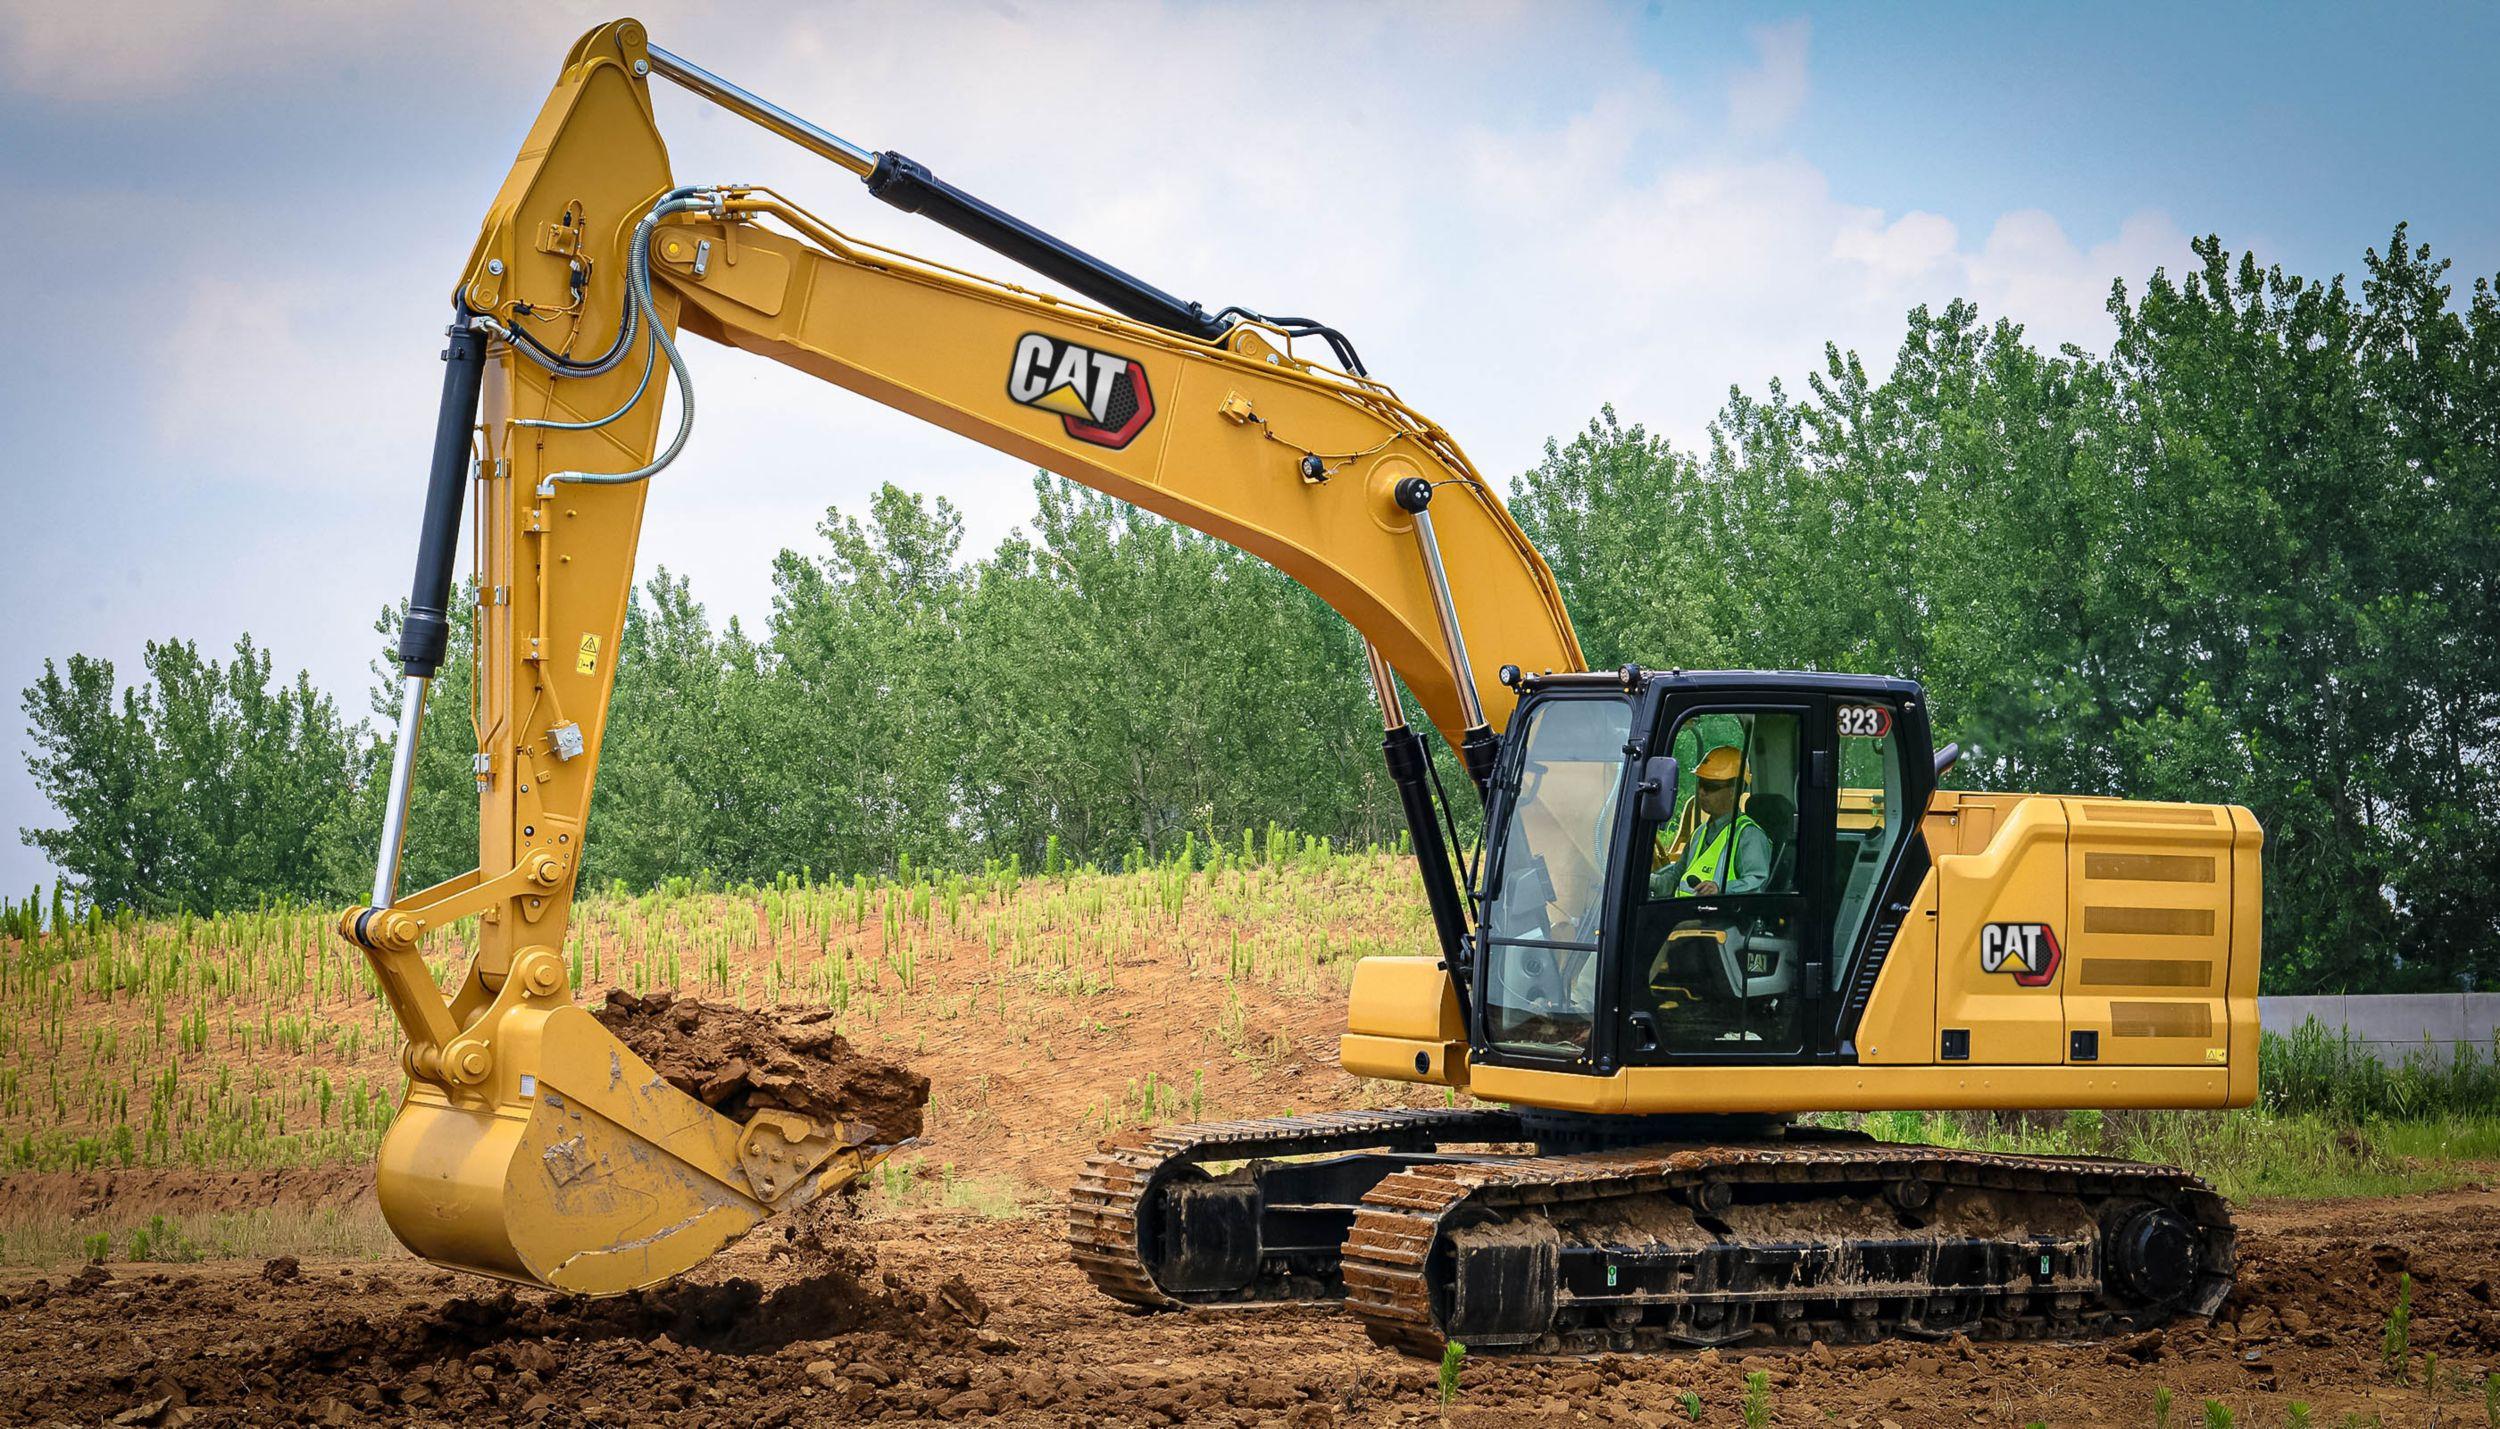 Cat | 323 Hydraulic Excavator | Caterpillar